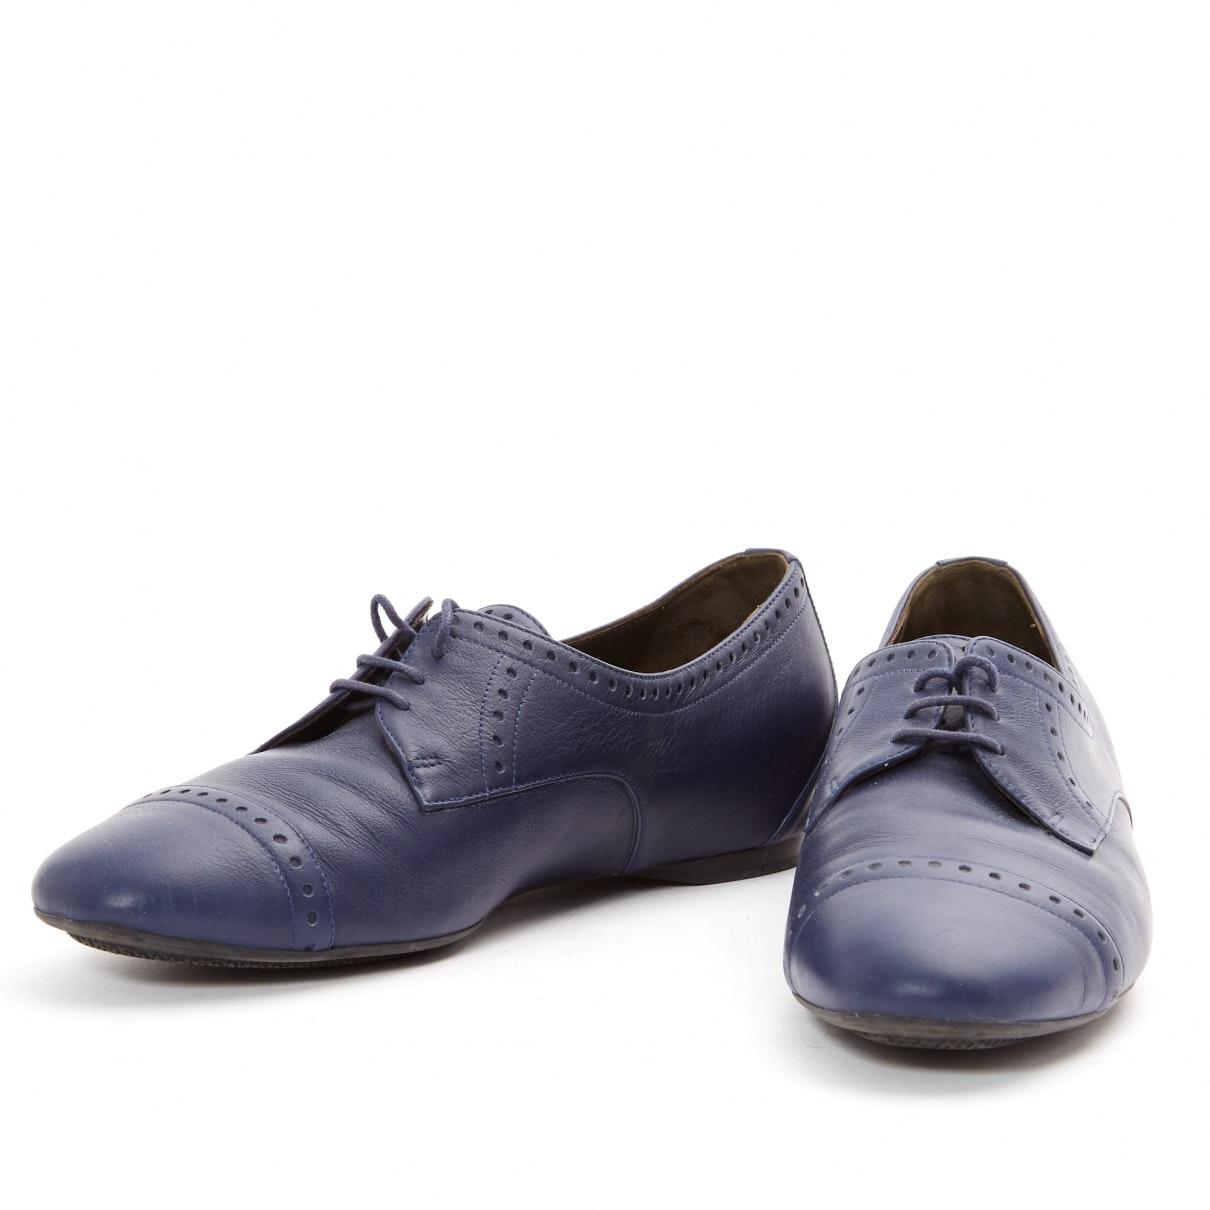 Derbis en cuero marino Hermès de color Azul